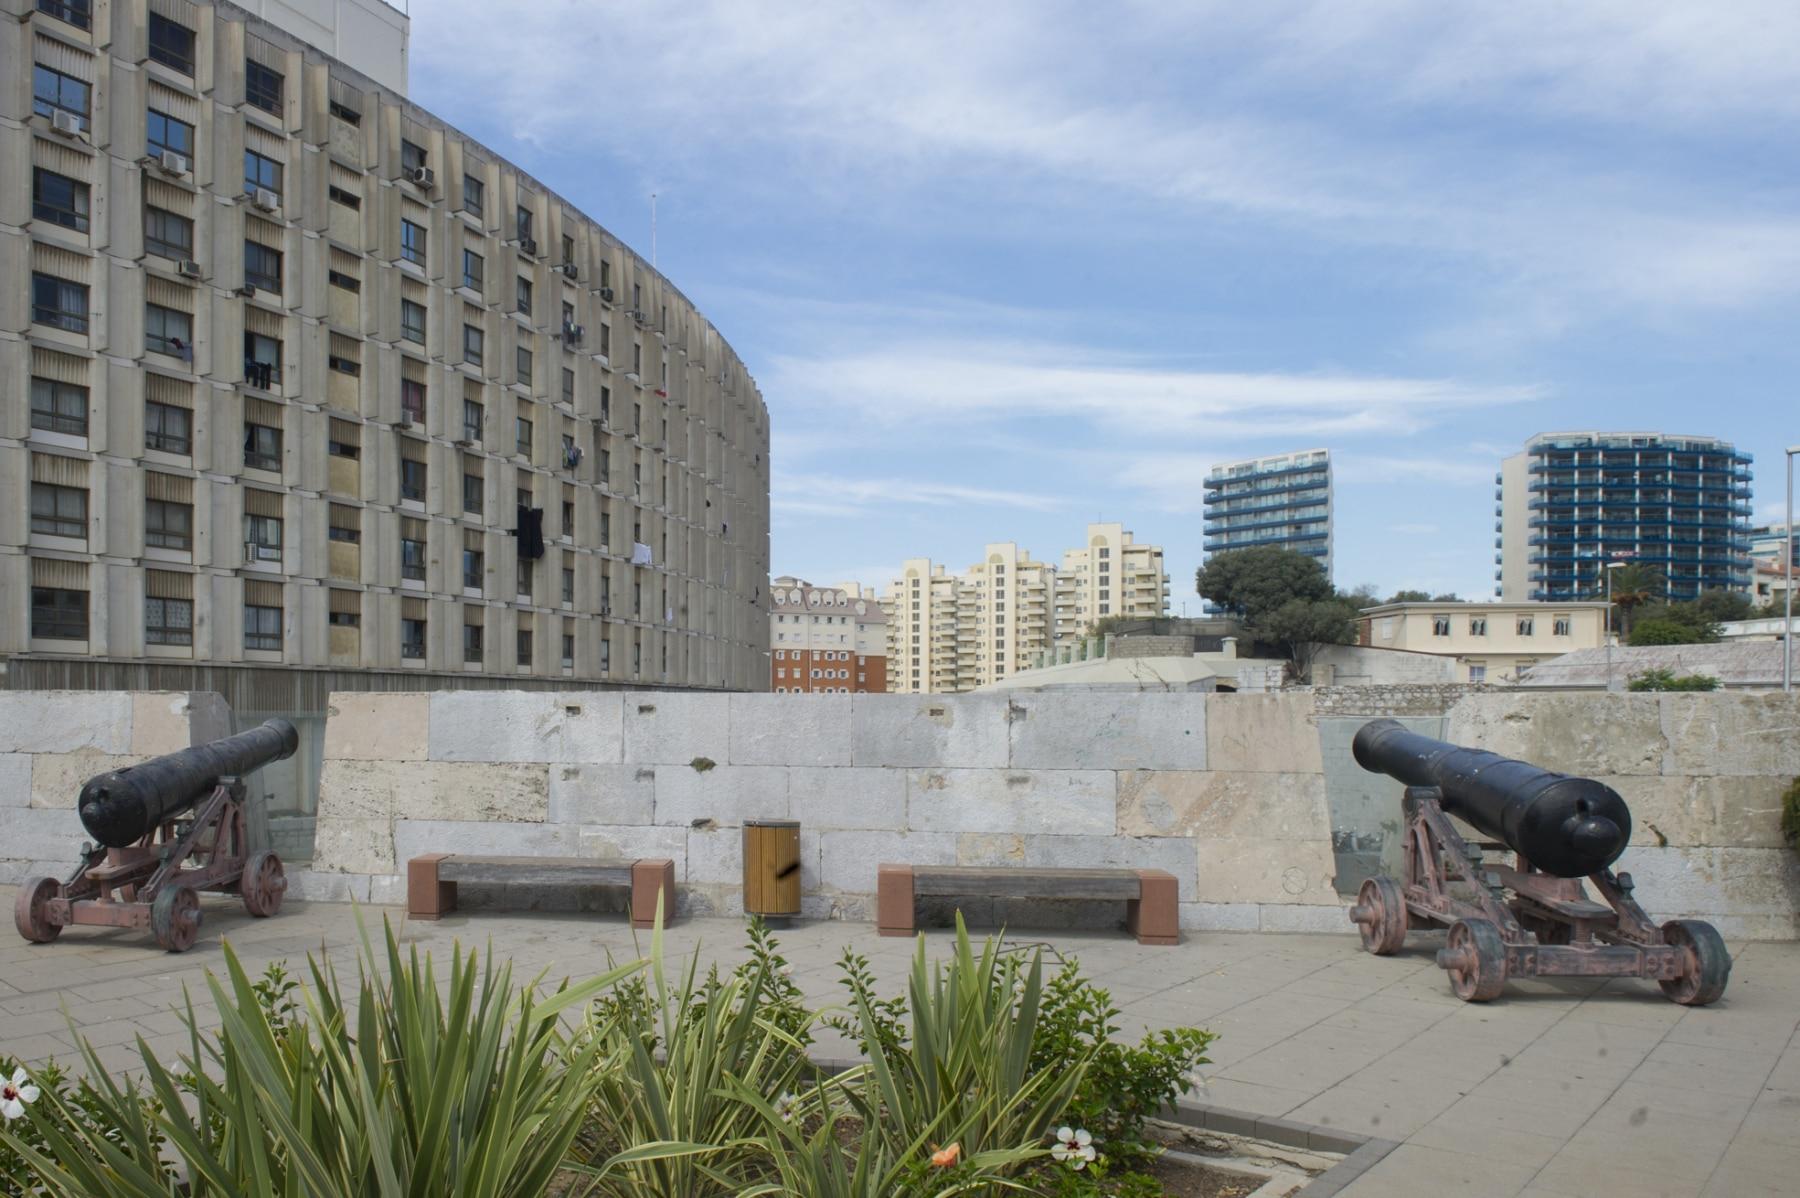 bateras-de-defensa-del-siglo-xviii-se-combinan-con-modernos-desarrollos-urbansticos-en-la-ciudad-de-gibraltar_22726532912_o